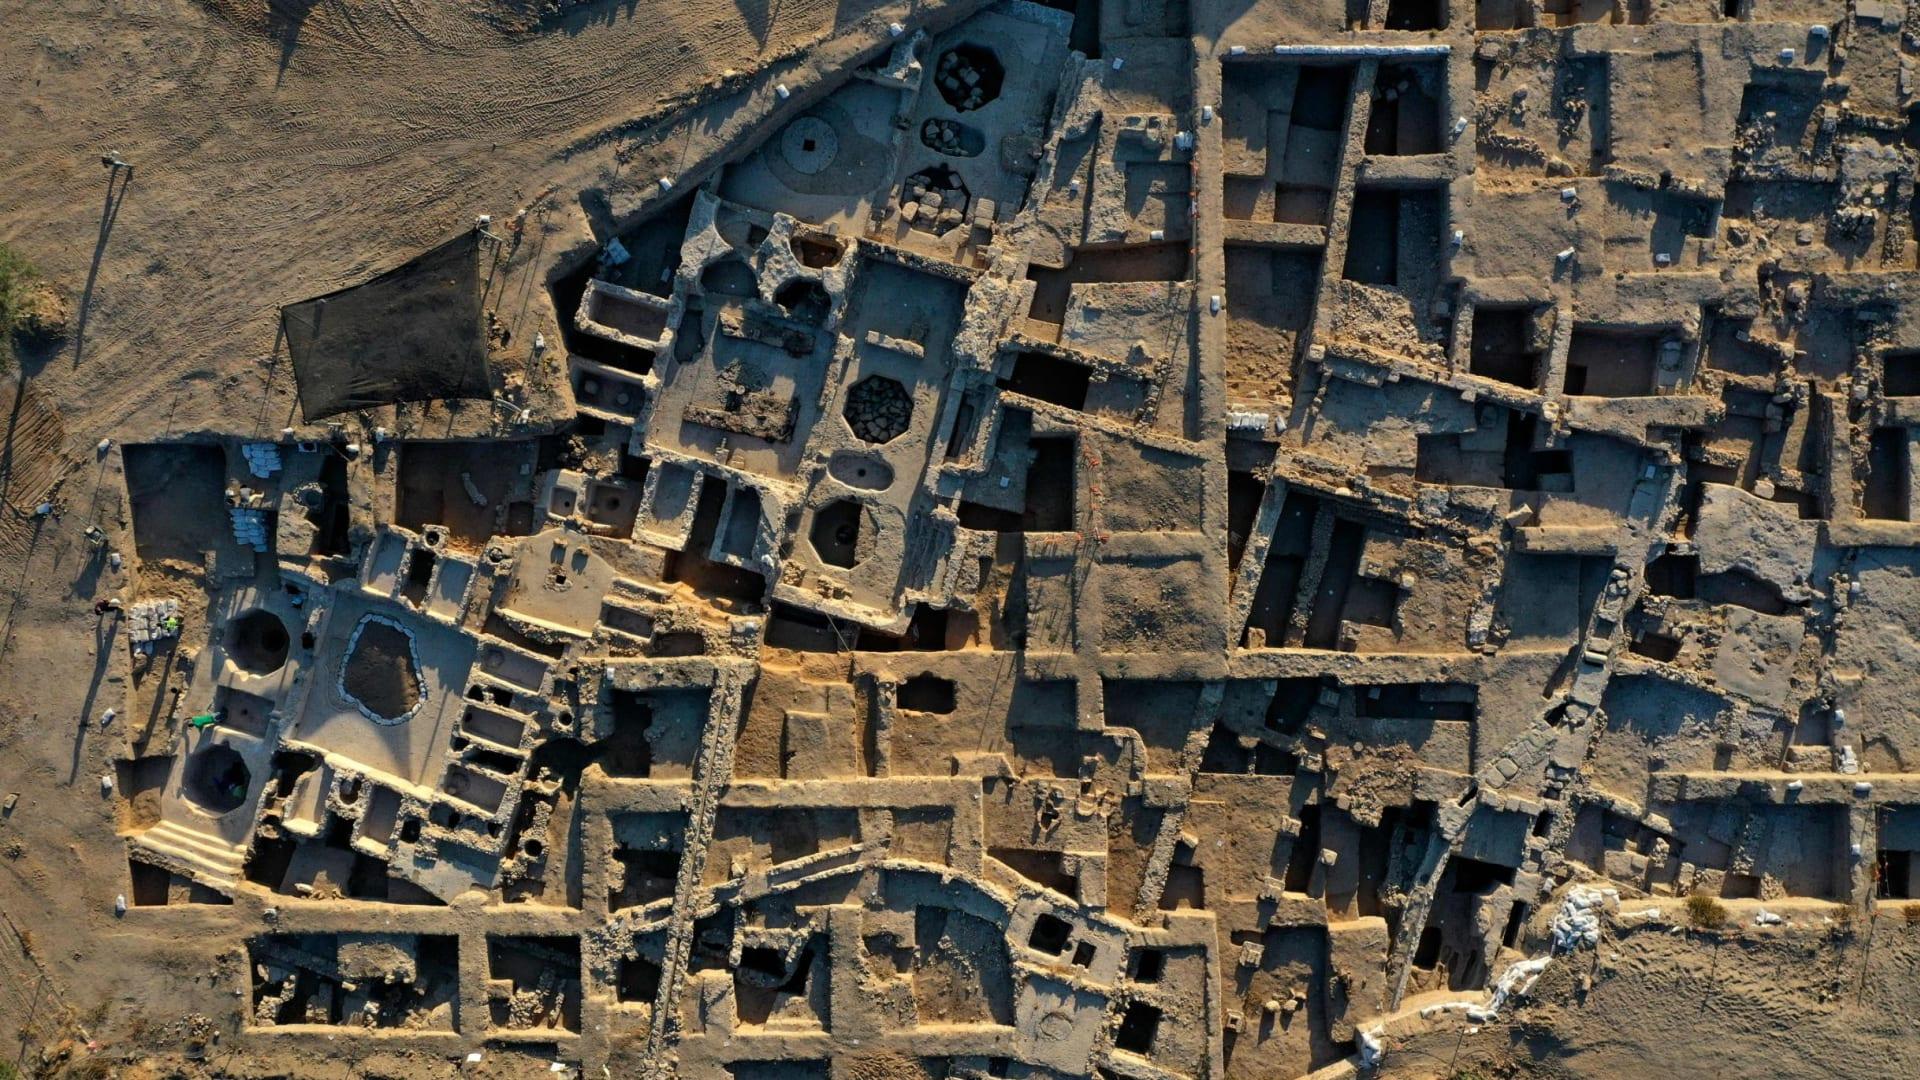 عمره 1500 عام..اكتشاف أكبر مصنع نبيذ بيزنطي في العالم في إسرائيل